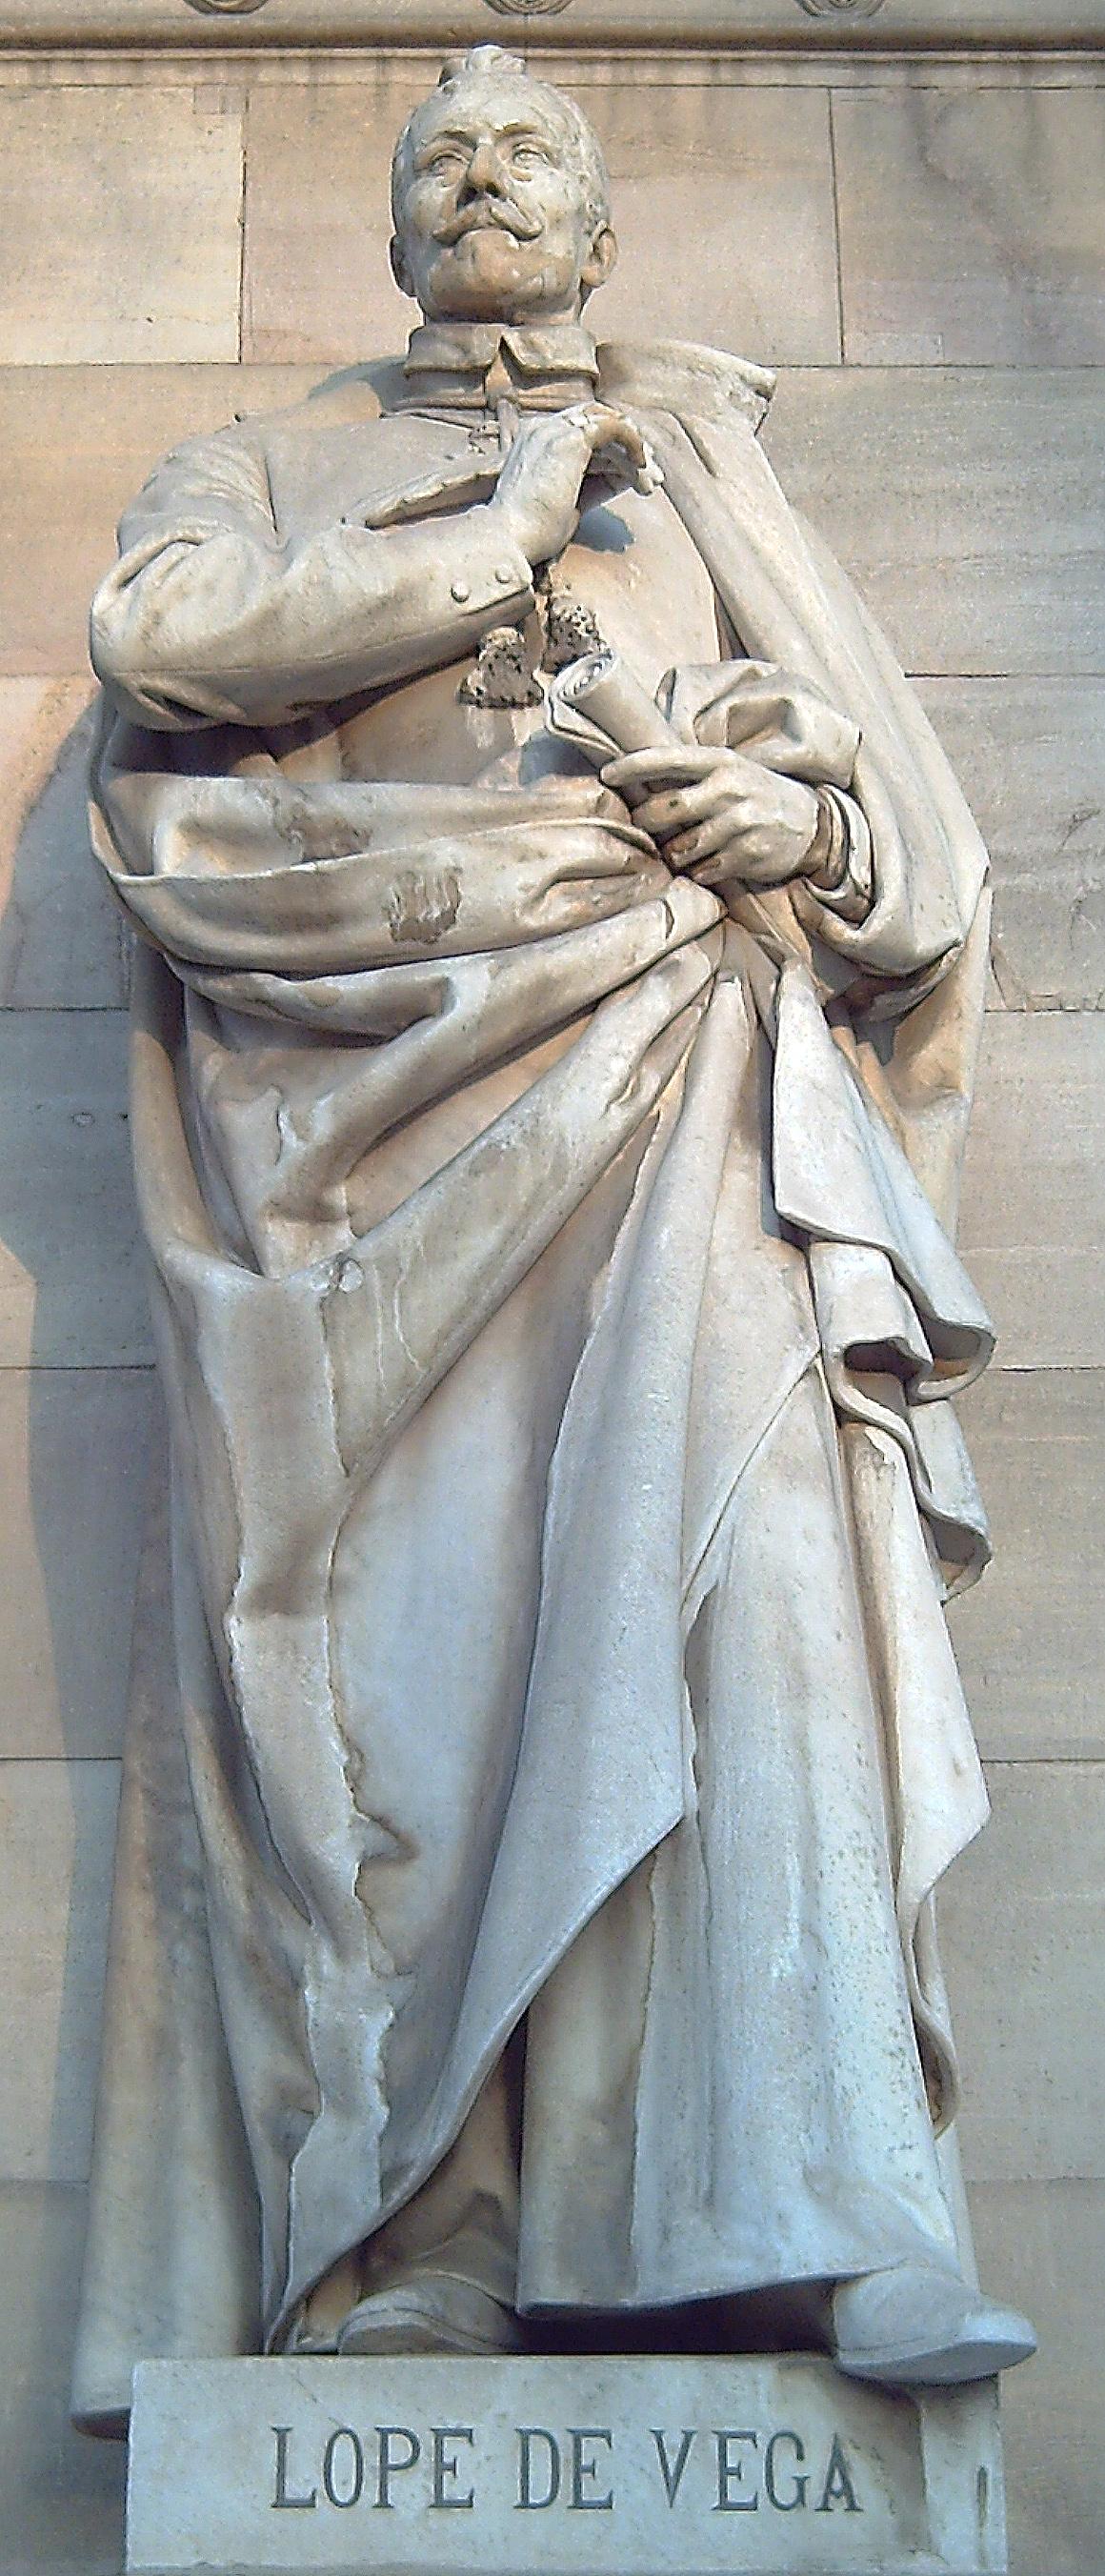 lope de vega Lope de vega (félix lope de vega y carpio, madrid, 1562 - id, 1635) escritor español procedente de una familia humilde, la vida de lope de vega fue sumamente.